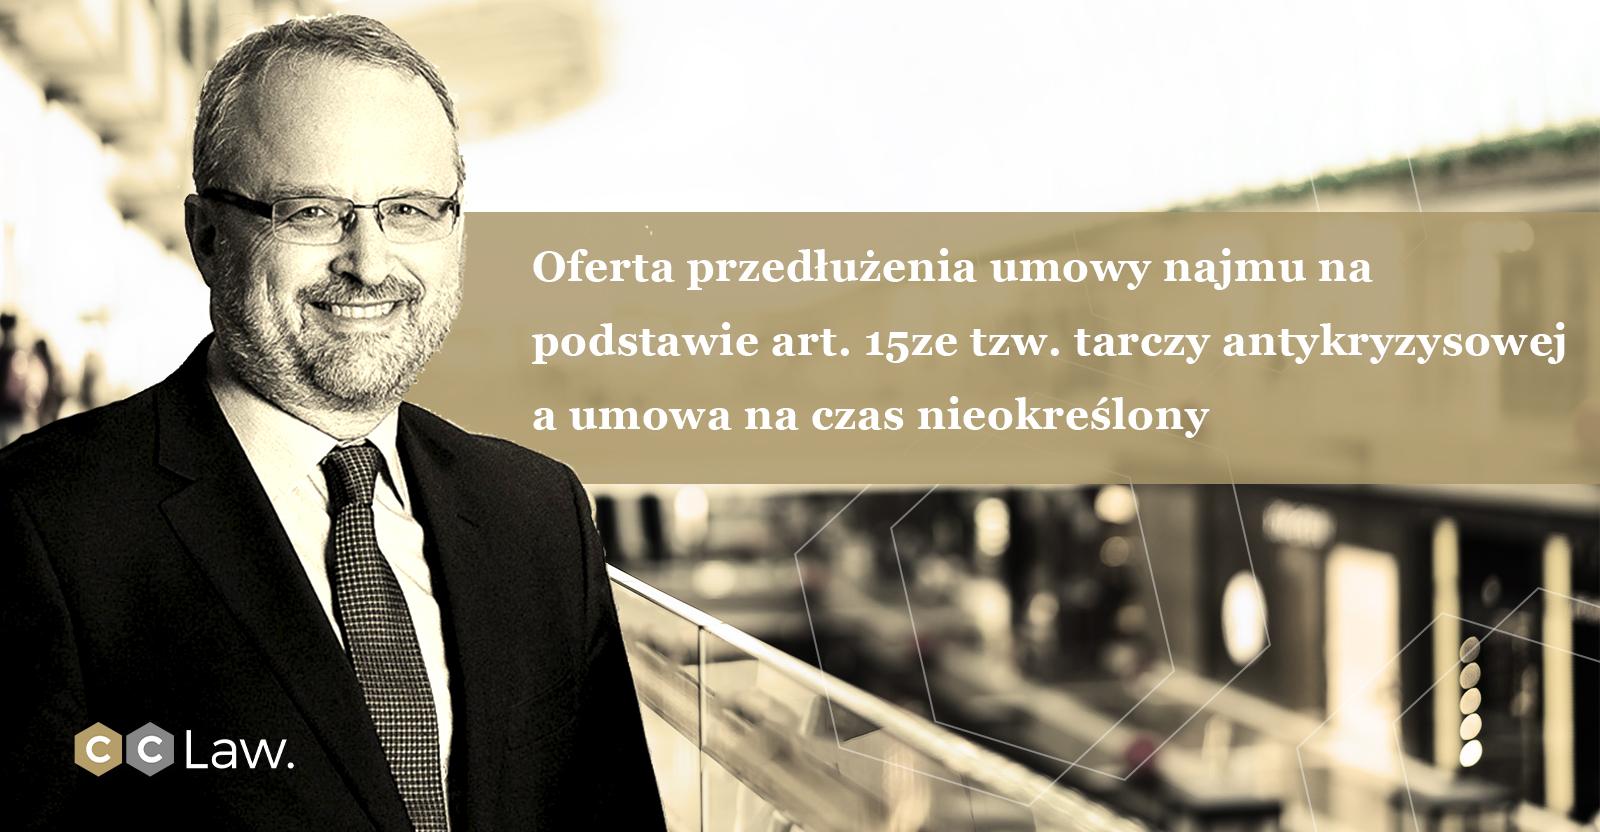 Oferta przedłużenia umowy najmu na podstawie art. 15ze tzw. tarczy antykryzysowej a umowa na czas nieokreślony